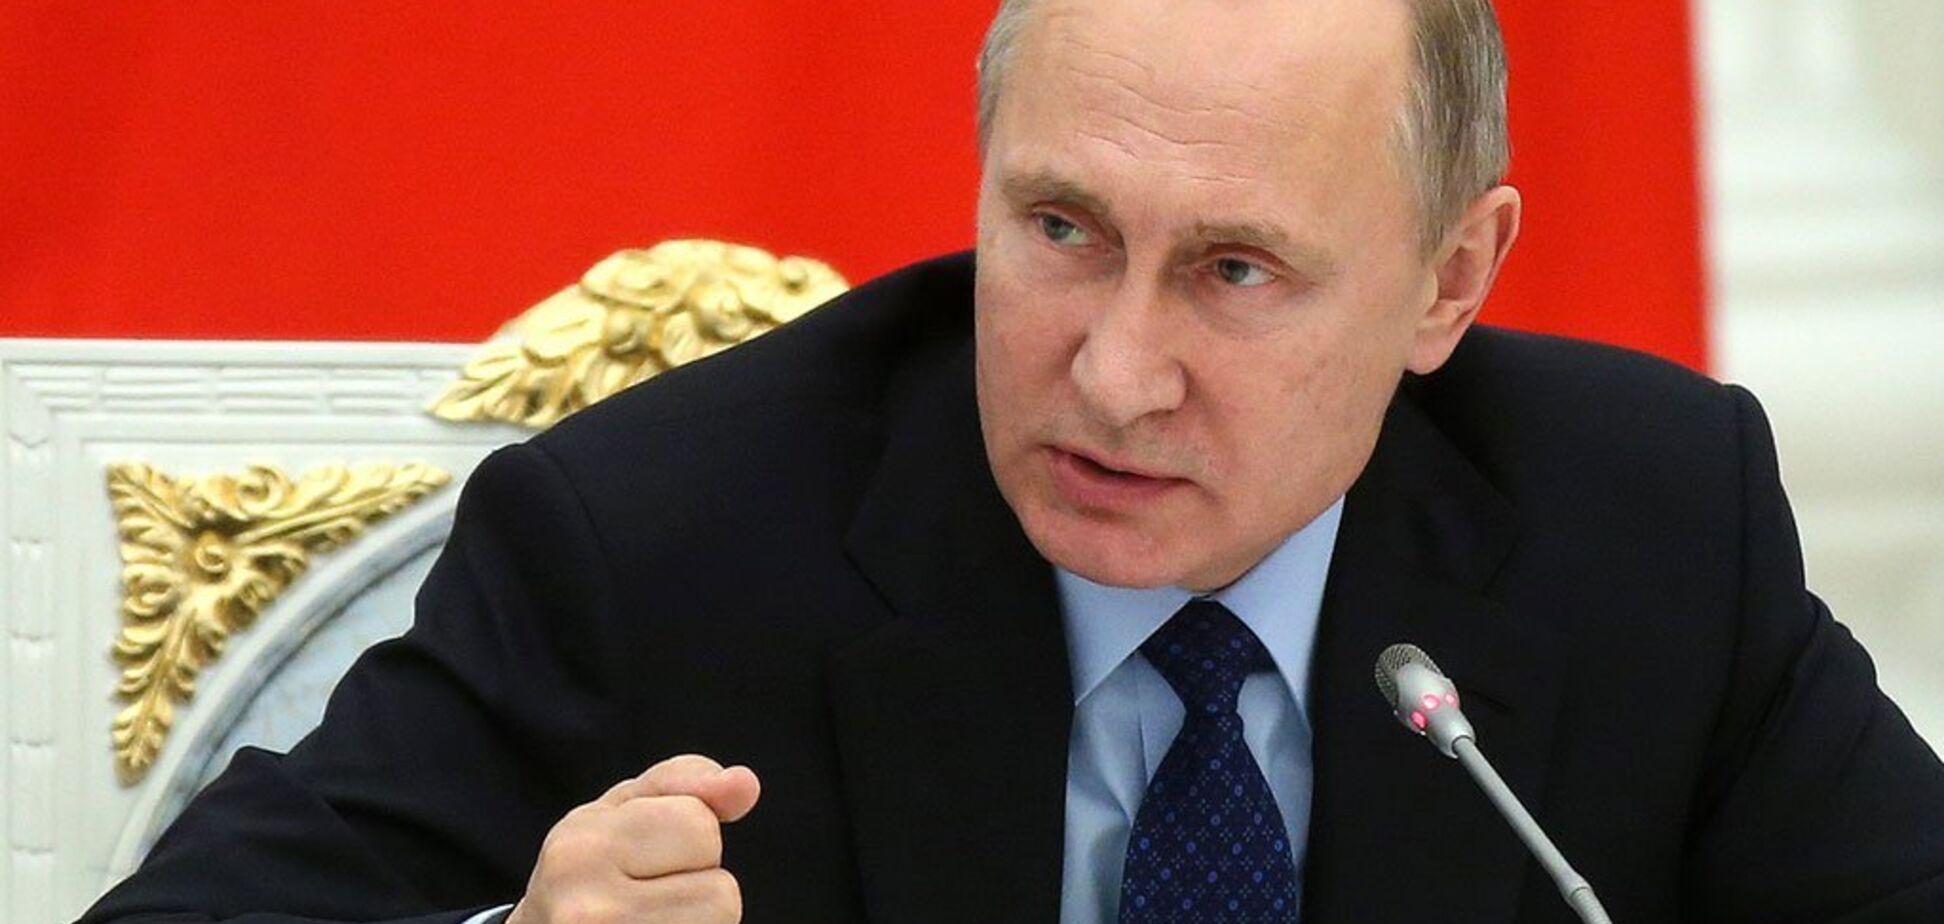 Еще две области? Озвучен план Путина по оккупации Украины